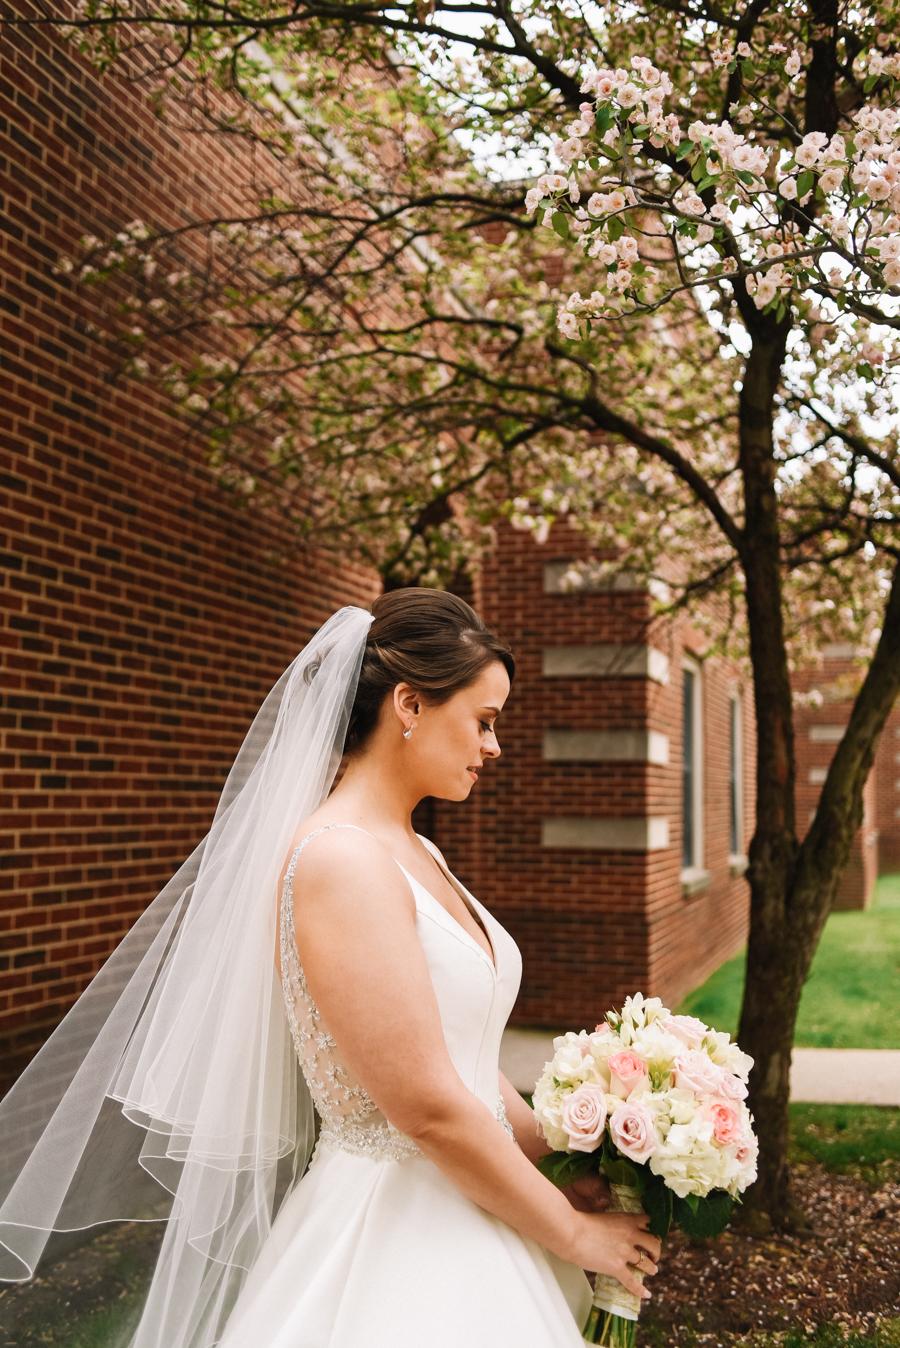 Dearborn_Inn_Wedding_Photos-27.jpg